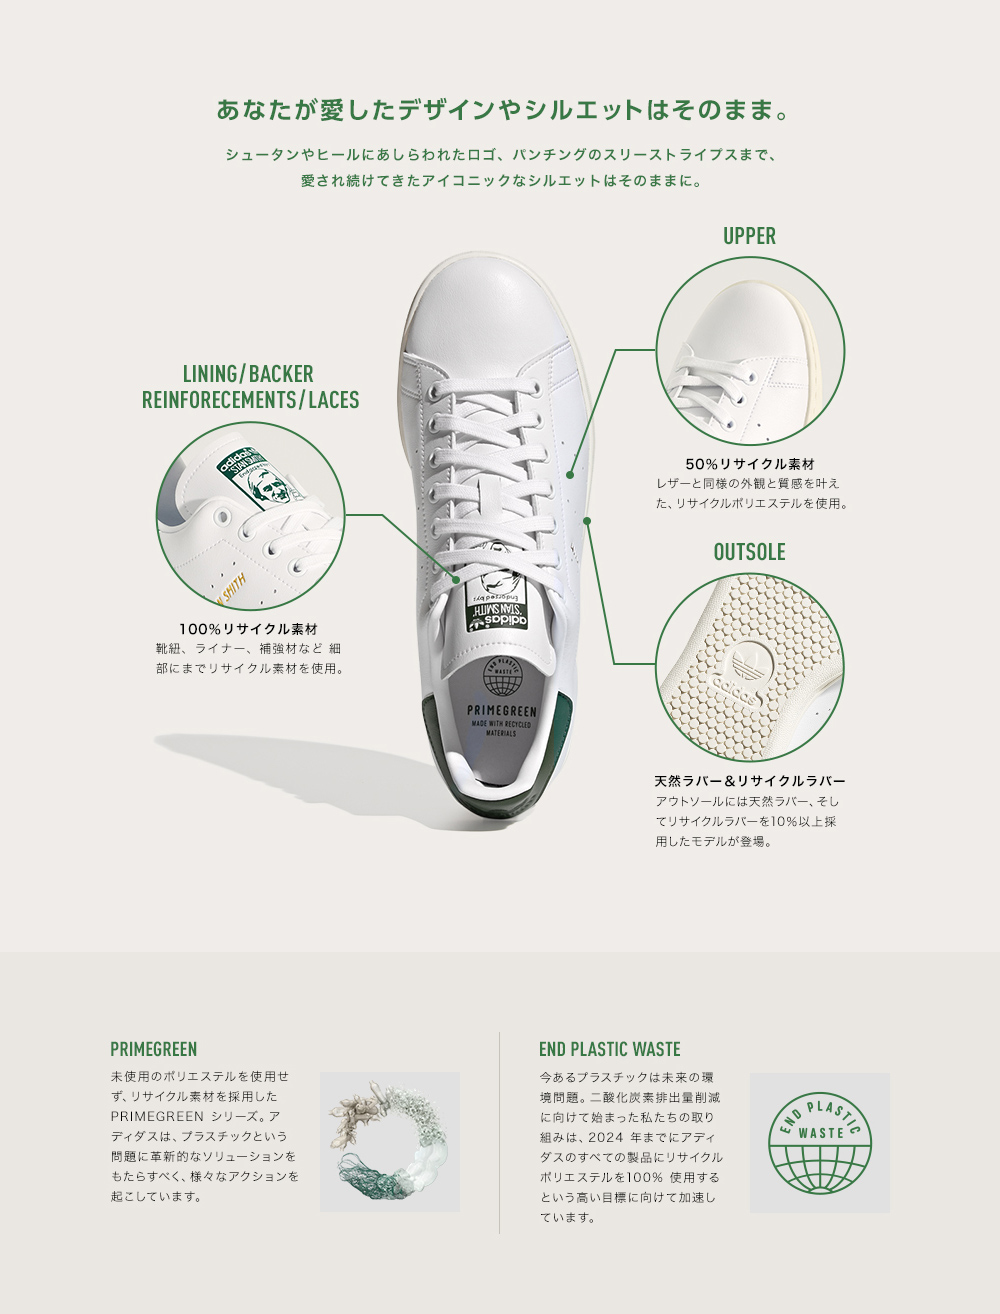 スニーカー アディダス adidas スタンスミスJ モンスターズインク フットウェアホワイト/パントーン 白 GY3532 ジュニア レディース シューズ 靴 21FW